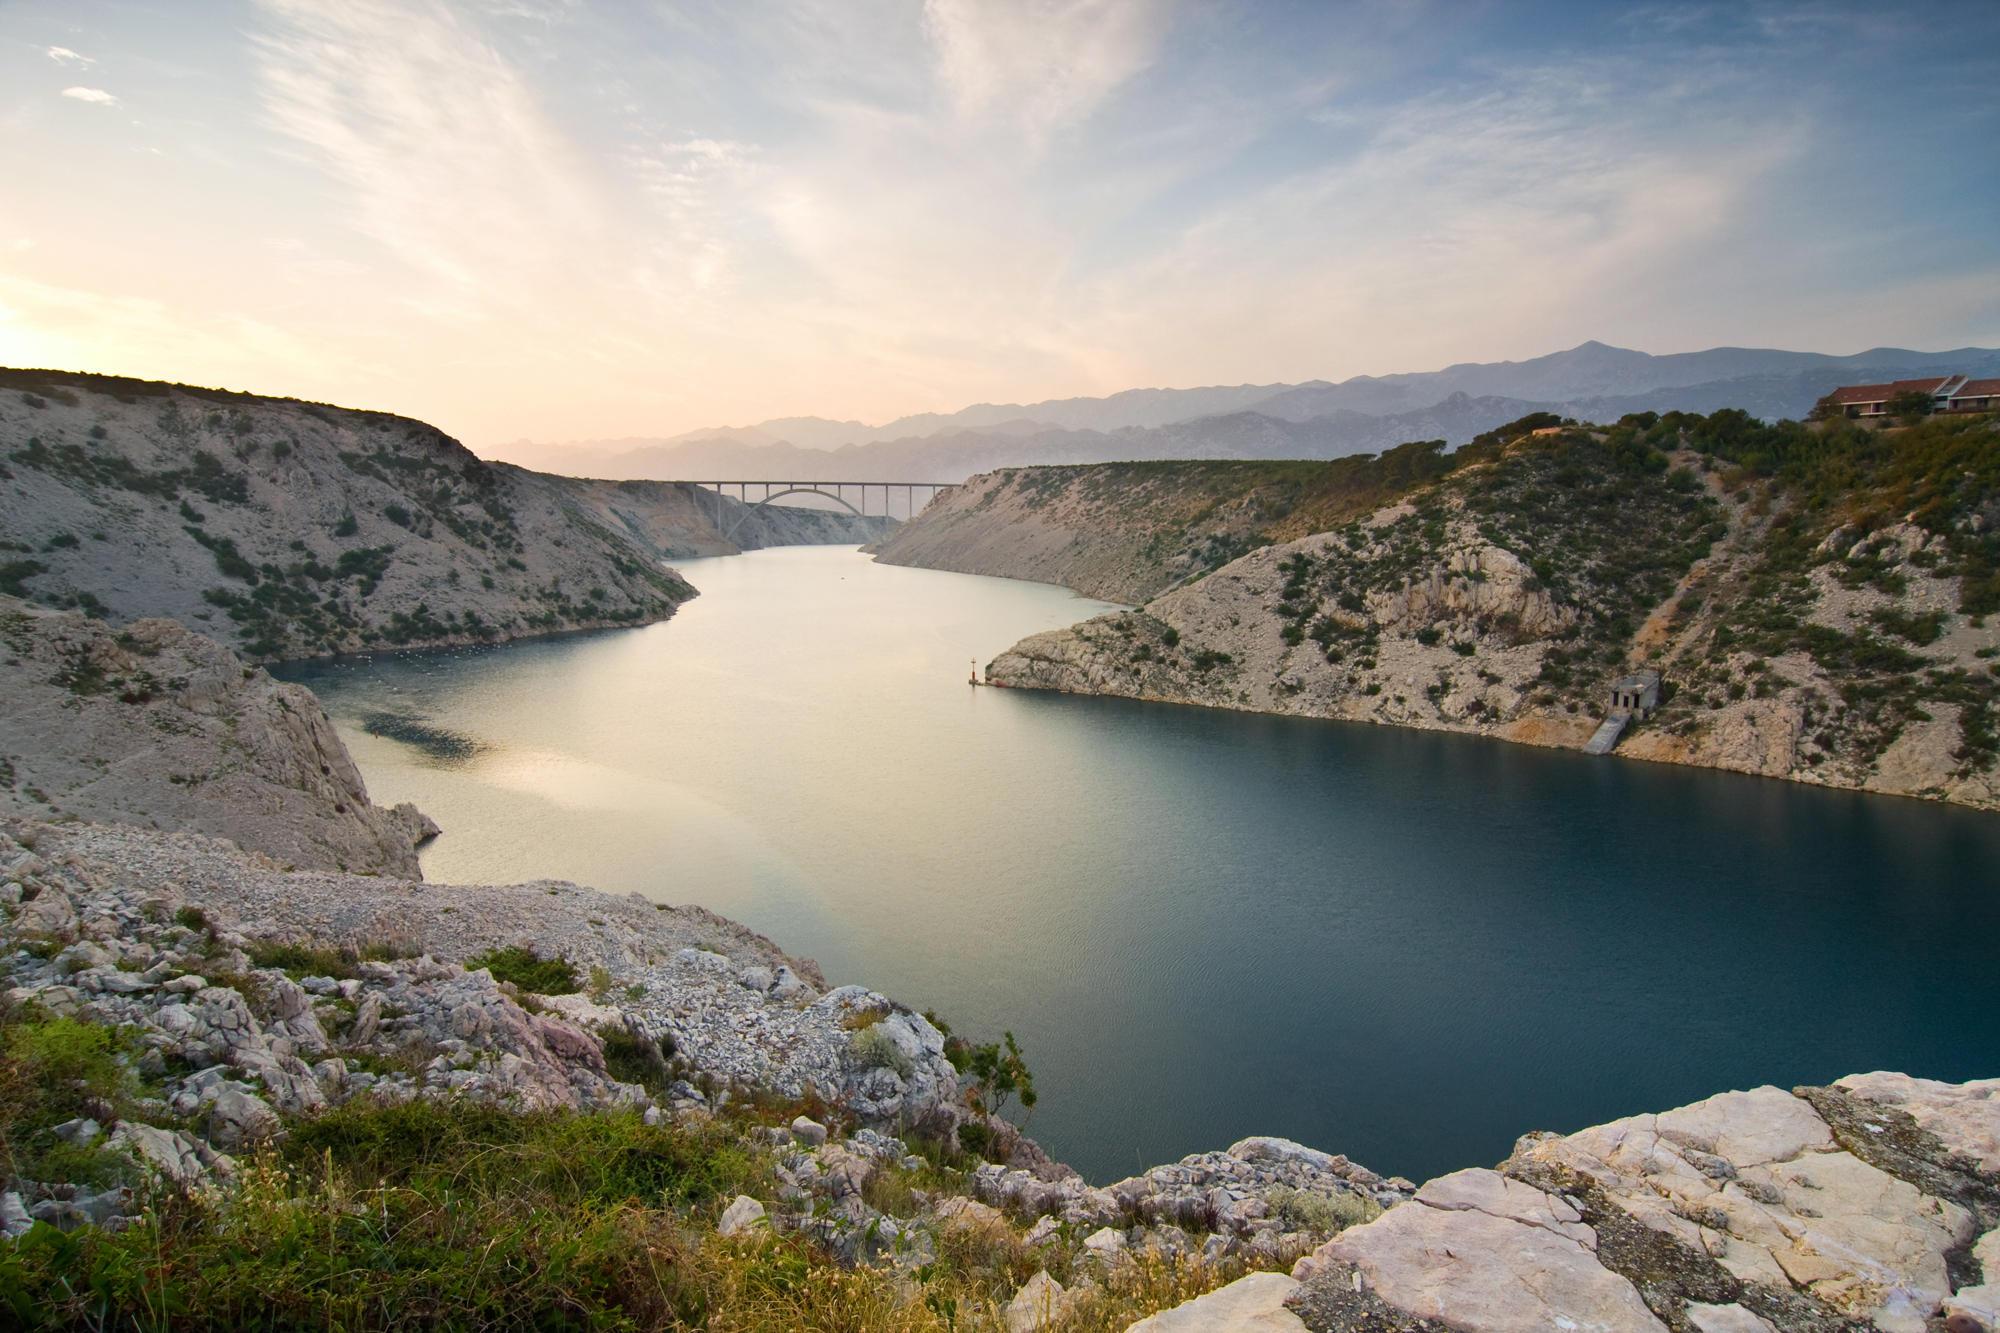 Die schönsten Küstenstraßen Europas: Adria-Magistrale